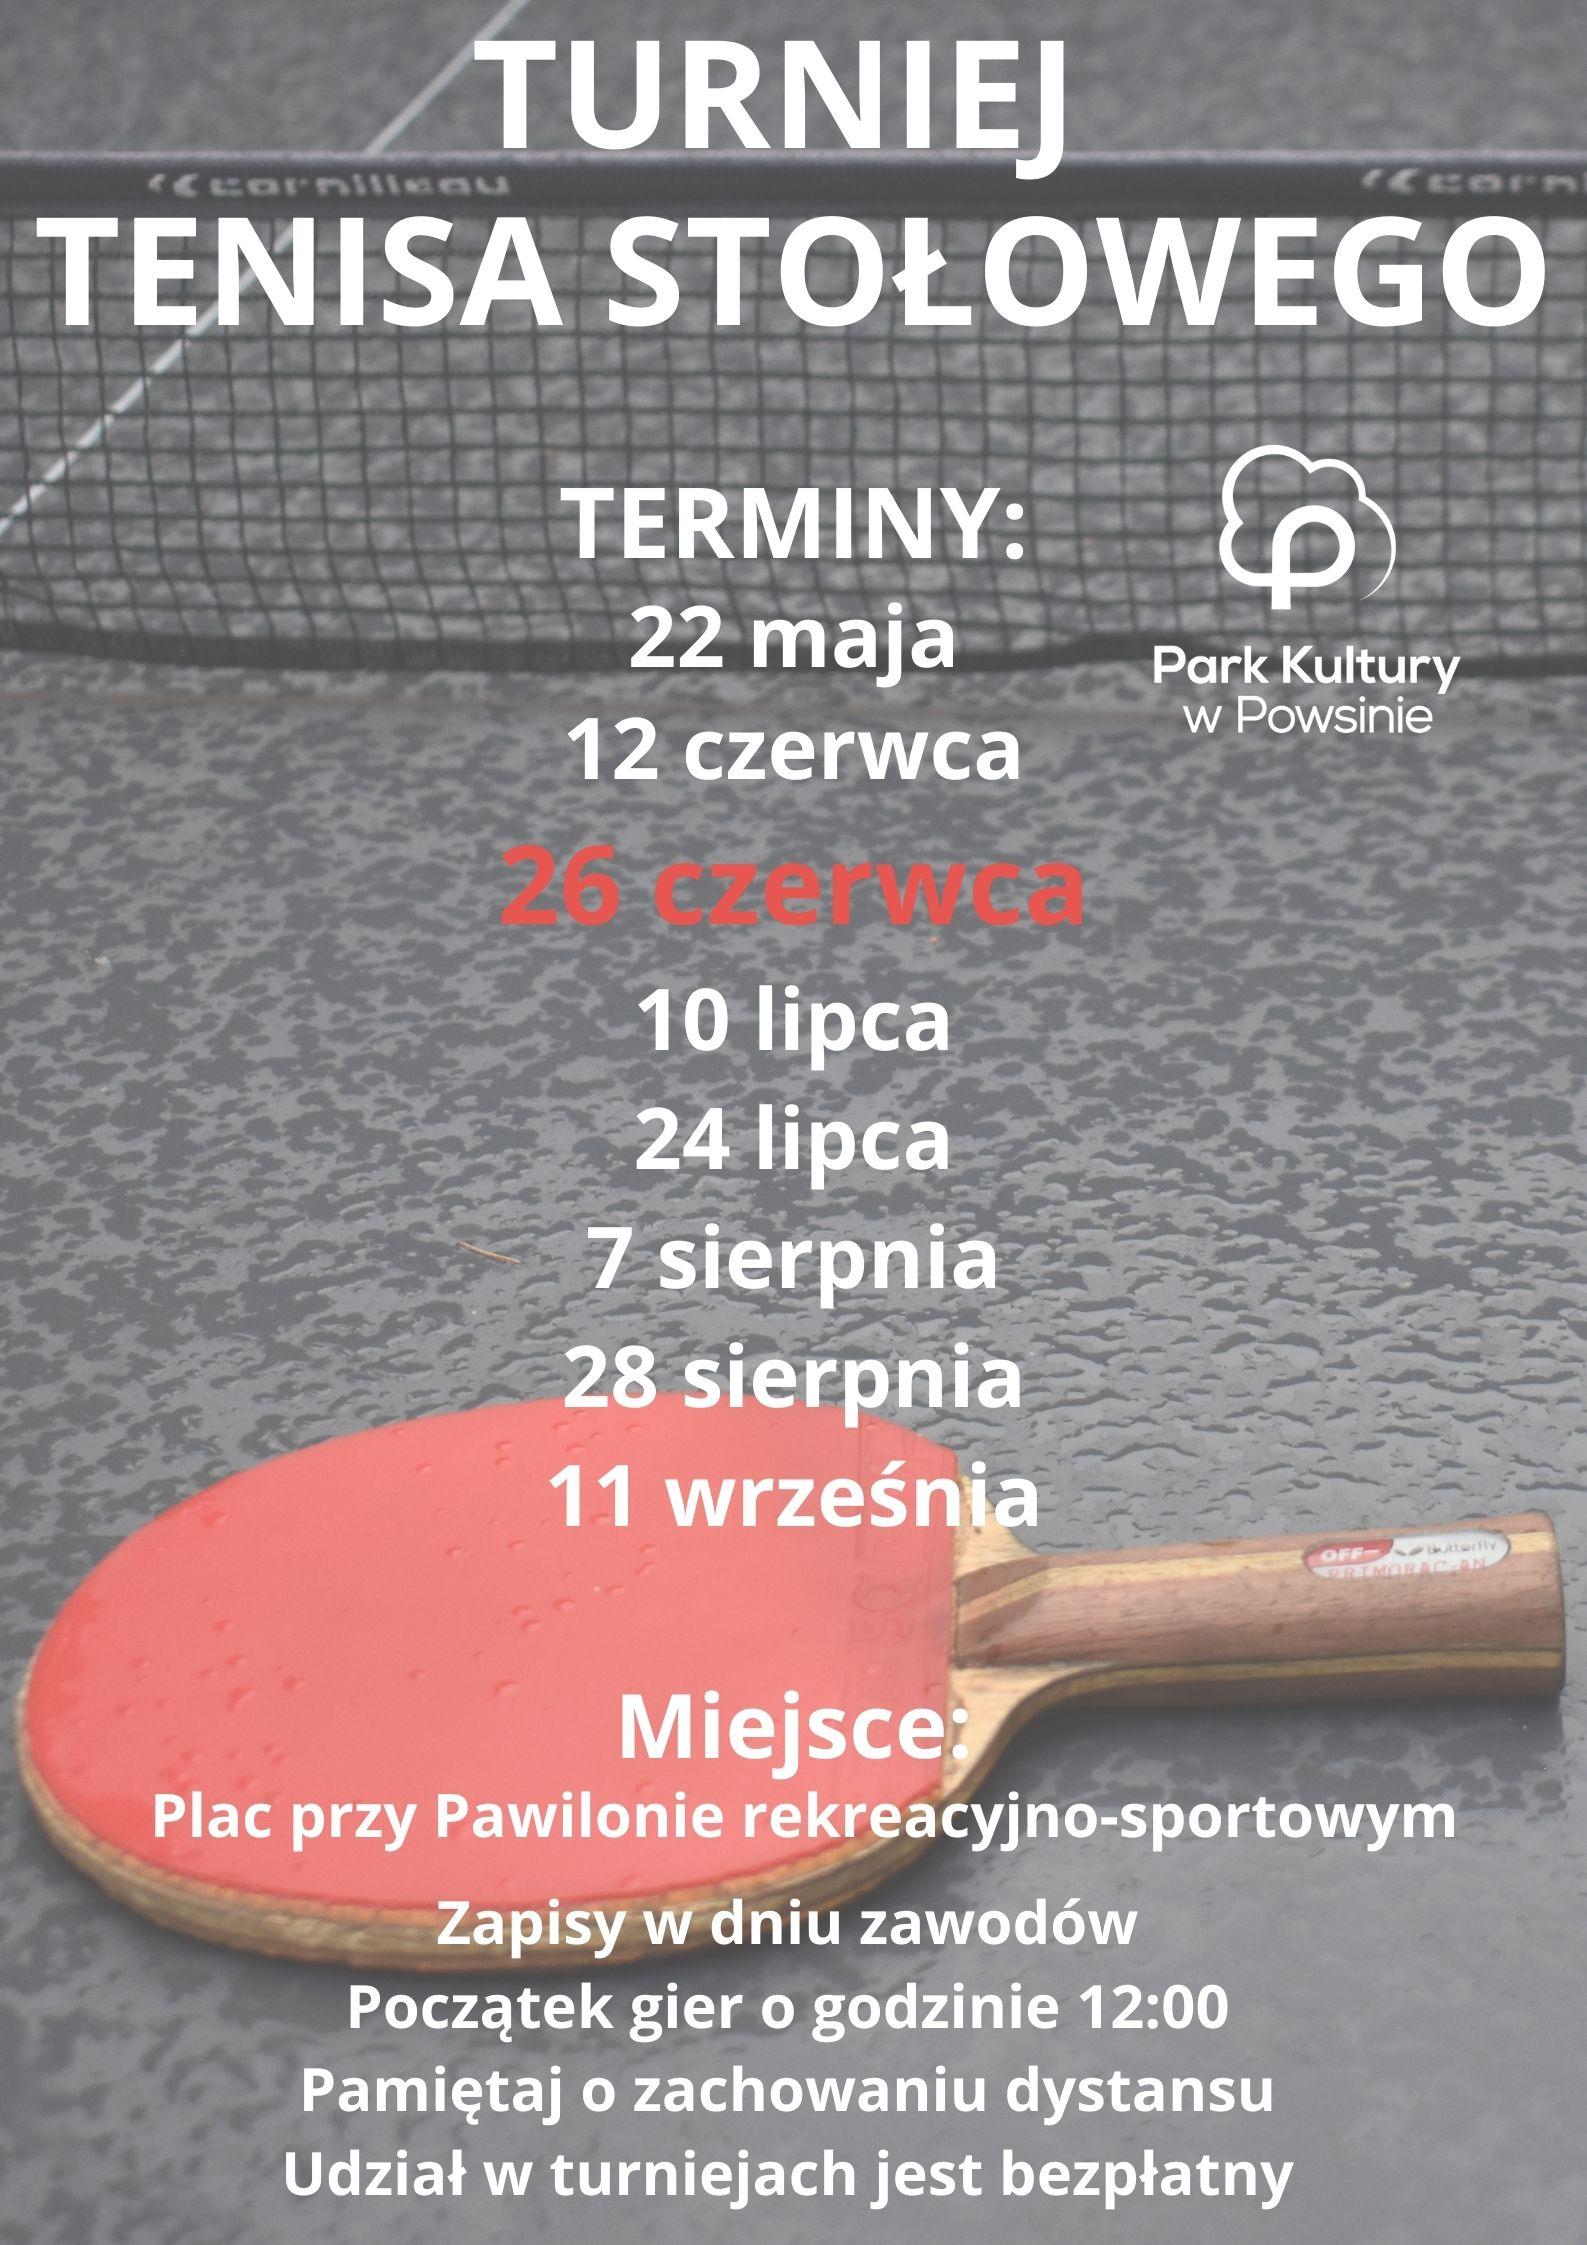 Plakat z terminami turnieju tenisa stołowego w parku Kultury w Powsinie